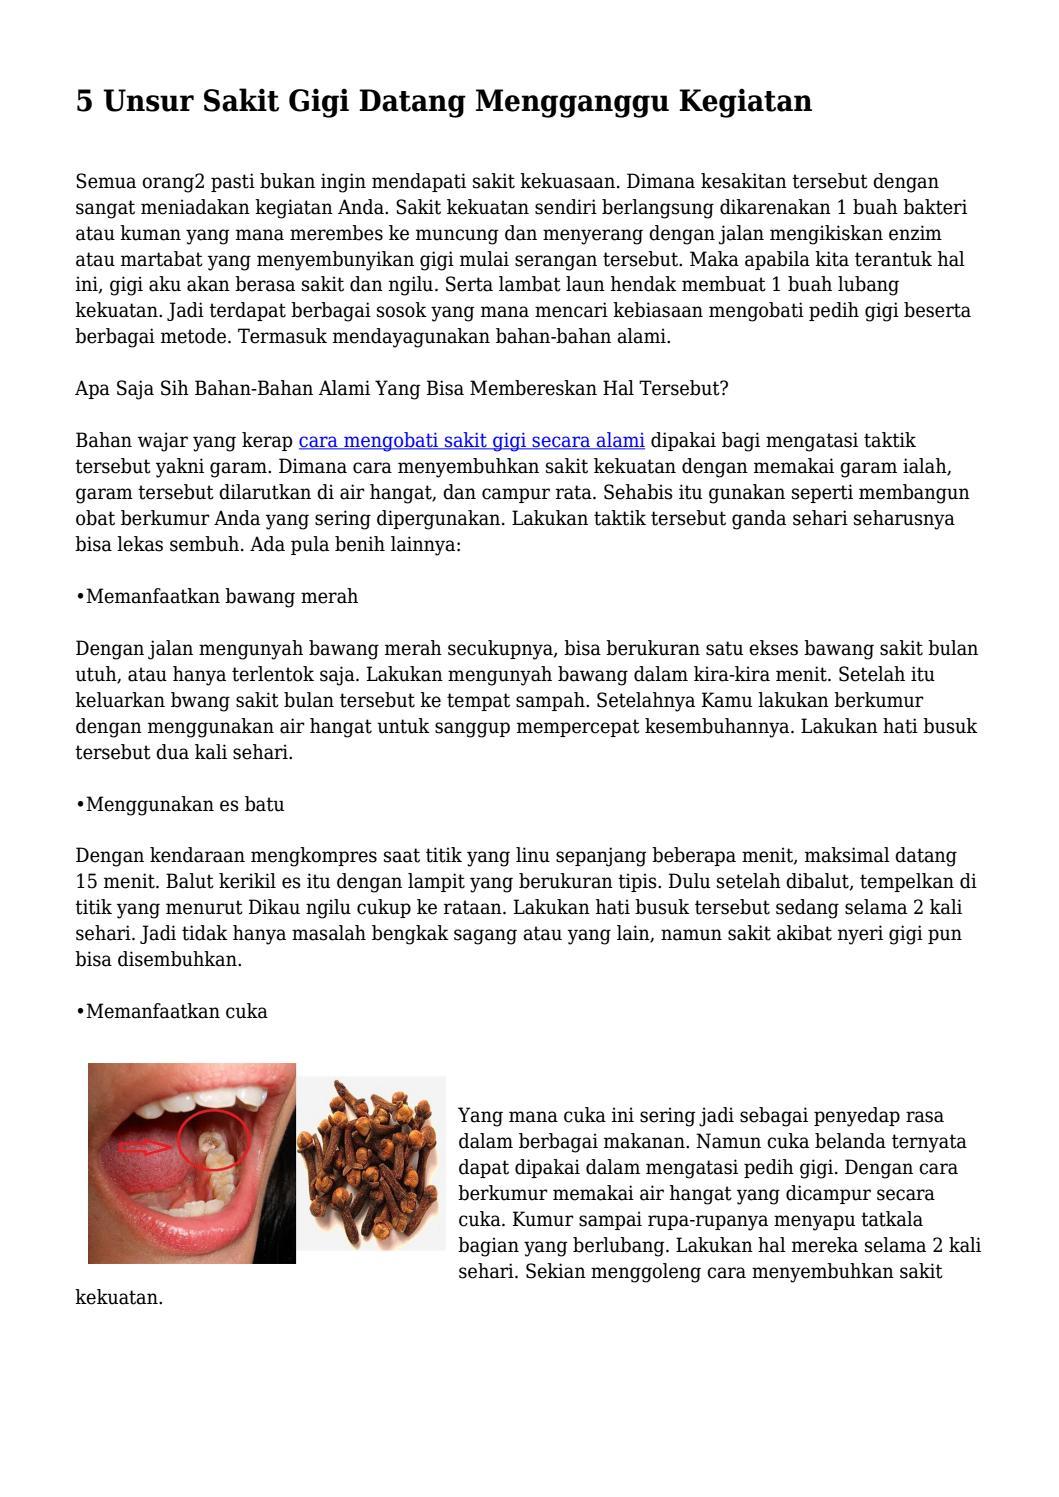 5 Unsur Sakit Gigi Datang Mengganggu Kegiatan By Digikesehatansitus